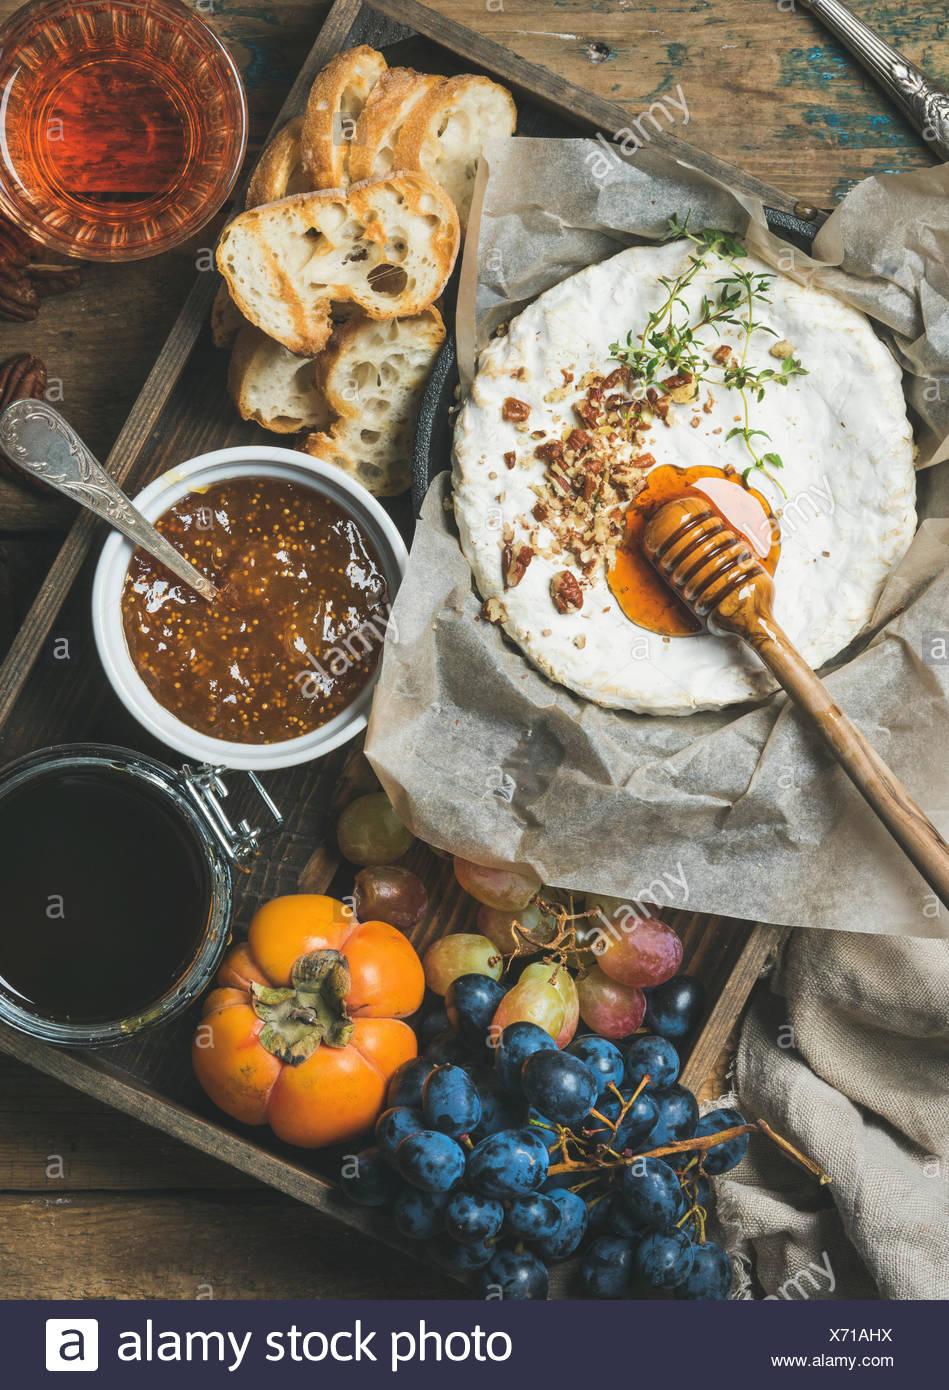 Du fromage, des fruits et du vin. Le camembert en petite casserole avec les écrous et les herbes, les raisins, plaqueminier, confiture de figues, miel, tranches de baguette et g Photo Stock